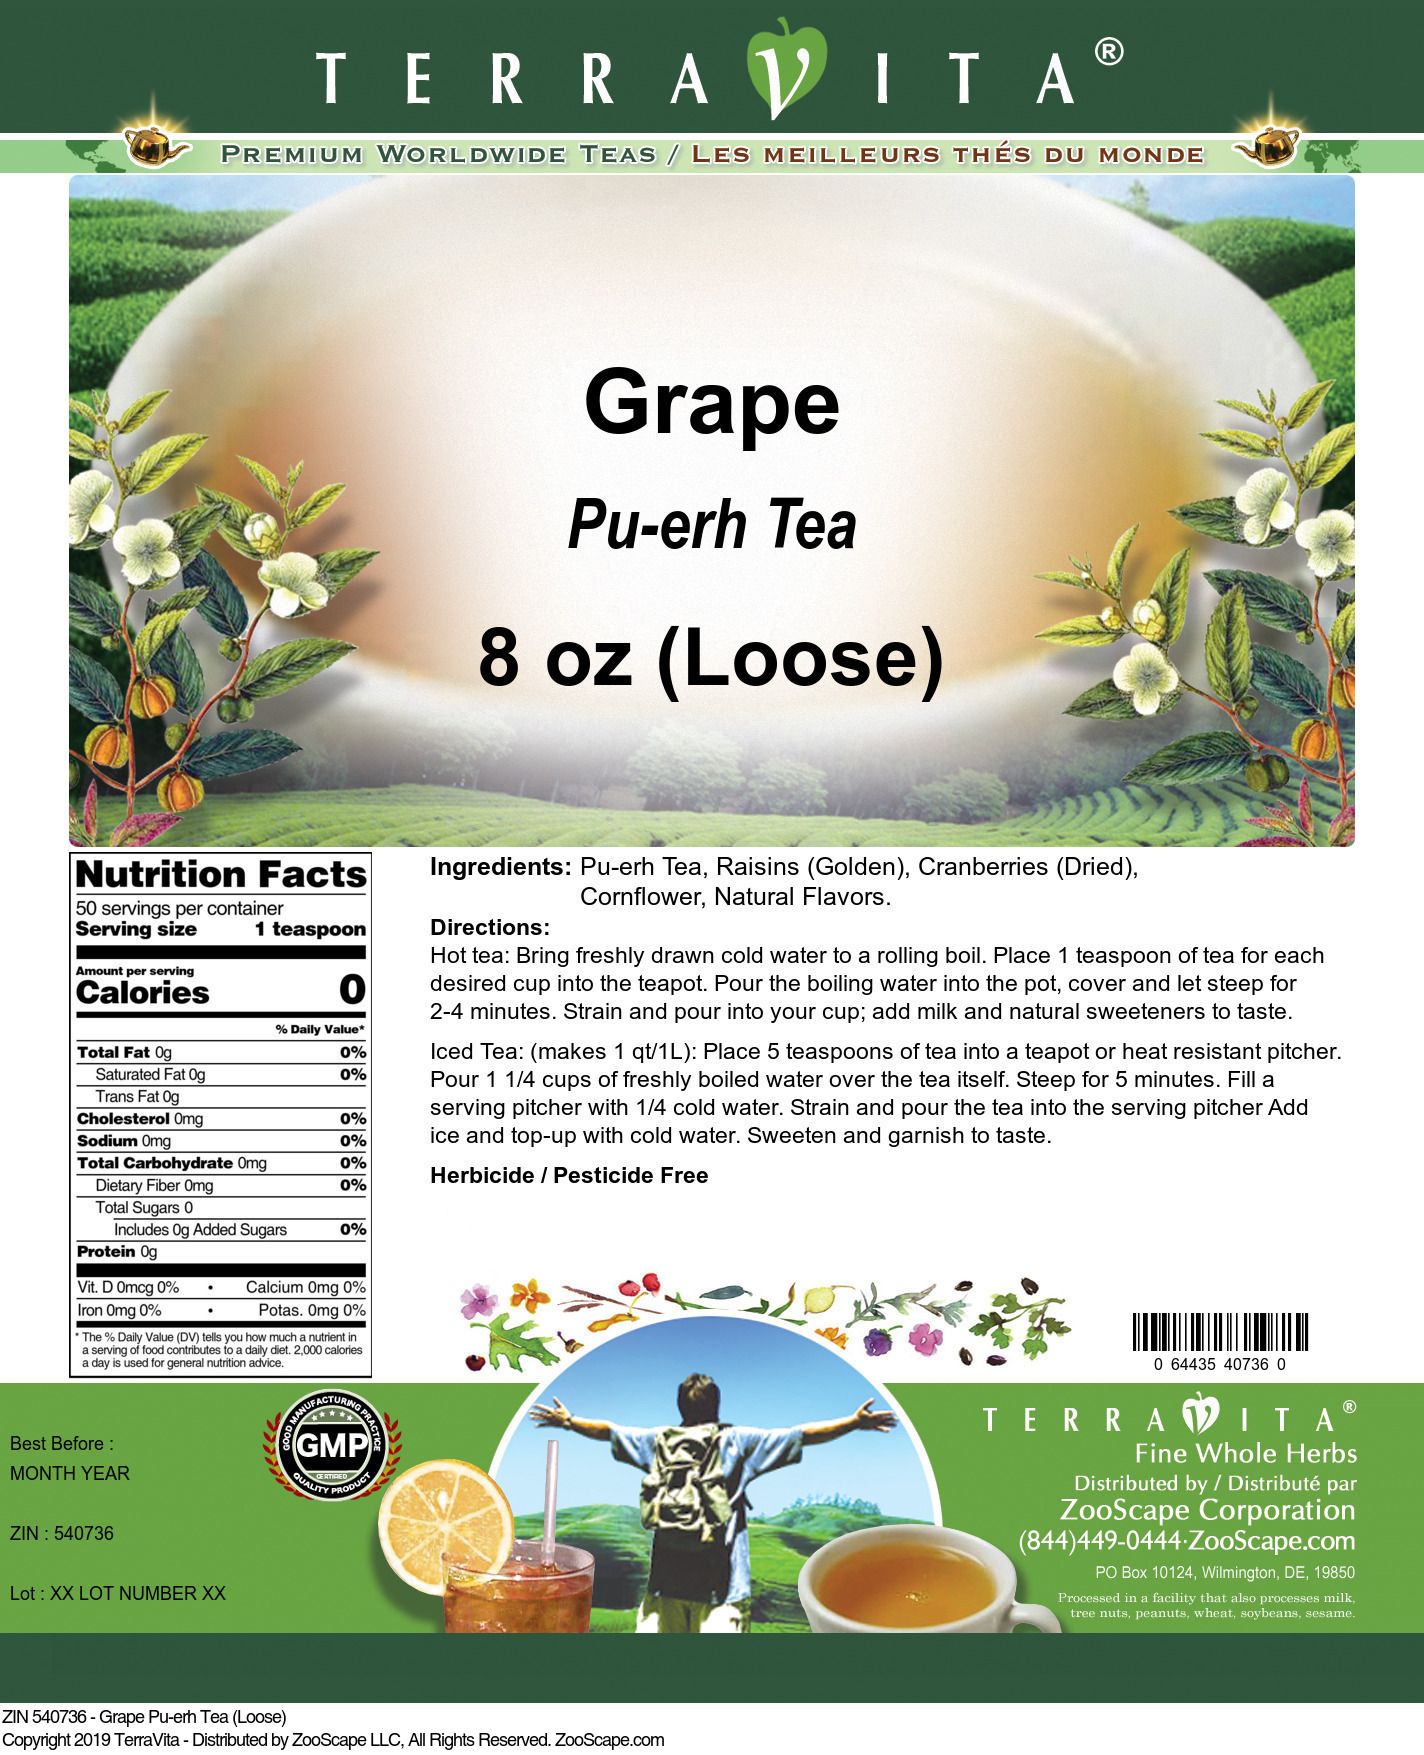 Grape Pu-erh Tea (Loose)